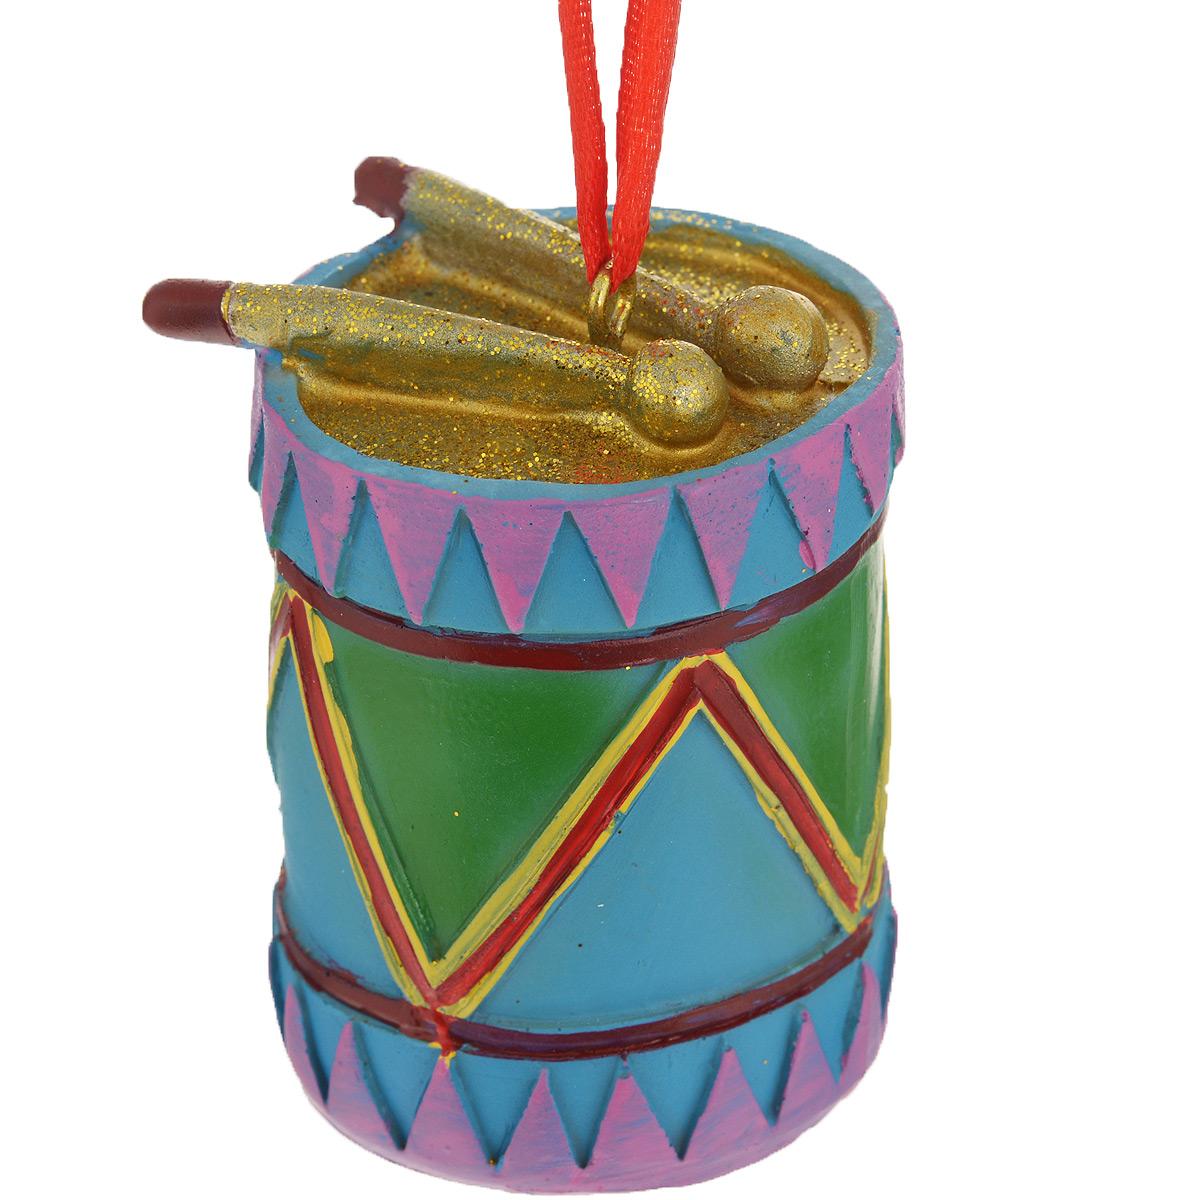 Новогоднее подвесное украшение Феникс-Презент Барабан. 3460034600Оригинальное новогоднее украшение Феникс-Презент Барабан из пластика прекрасно подойдет для праздничного декора дома и новогодней ели. Изделие оснащено петлей, с помощью которой его можно повесить на елку или украсить дом.